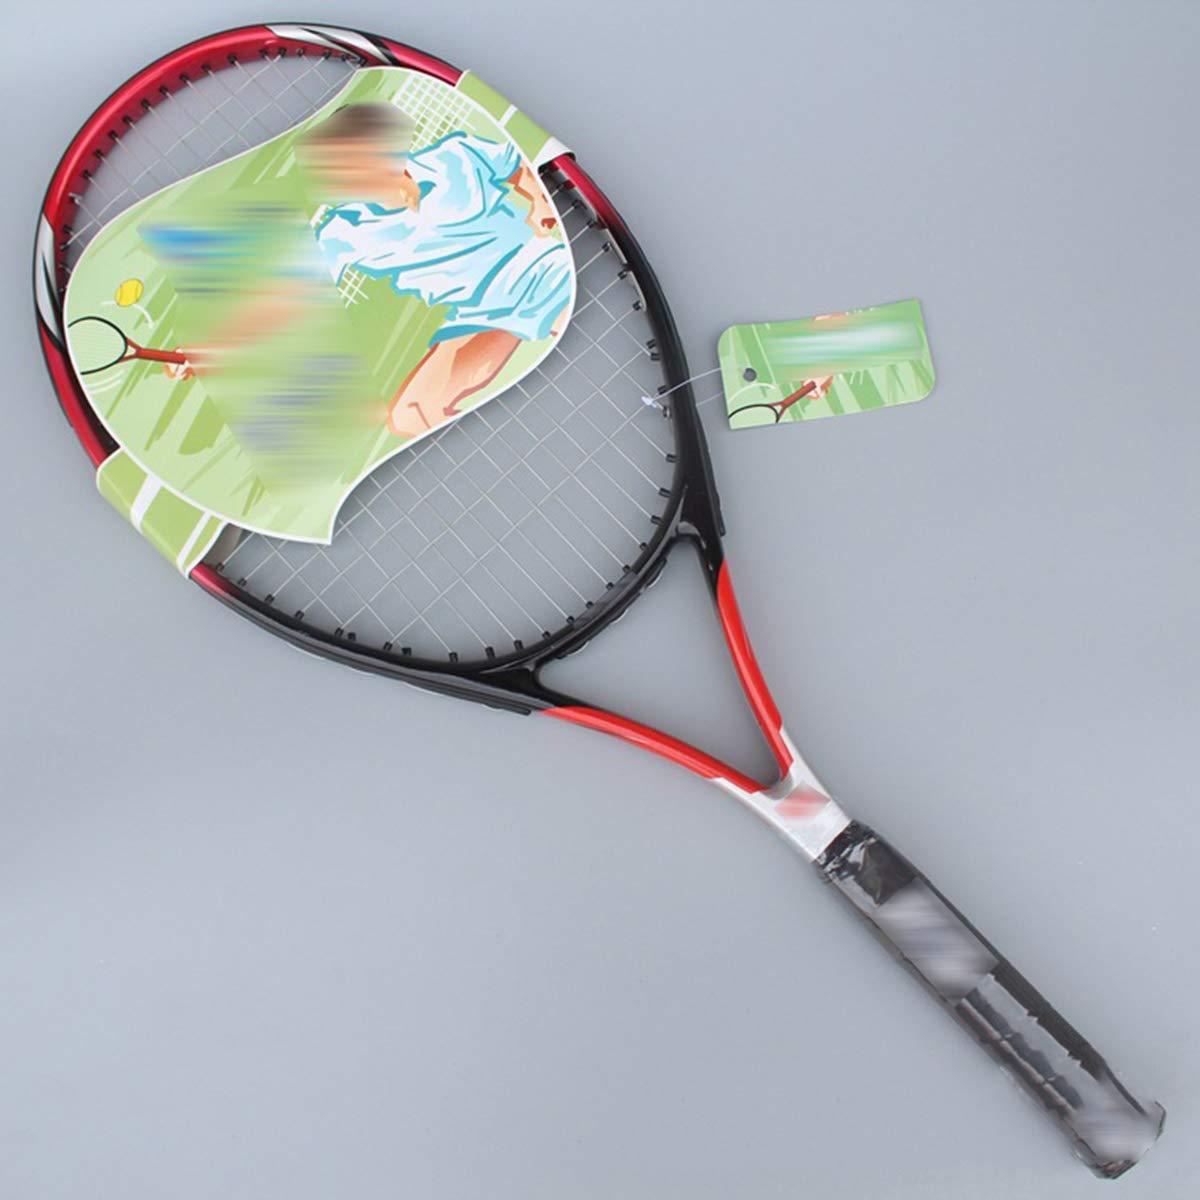 Raquette De Tennis Professionnel De Haute Qualité Single Unisexe Ultralight En Aluminium Carbone Un Jeu Formation Raquette De Tennis